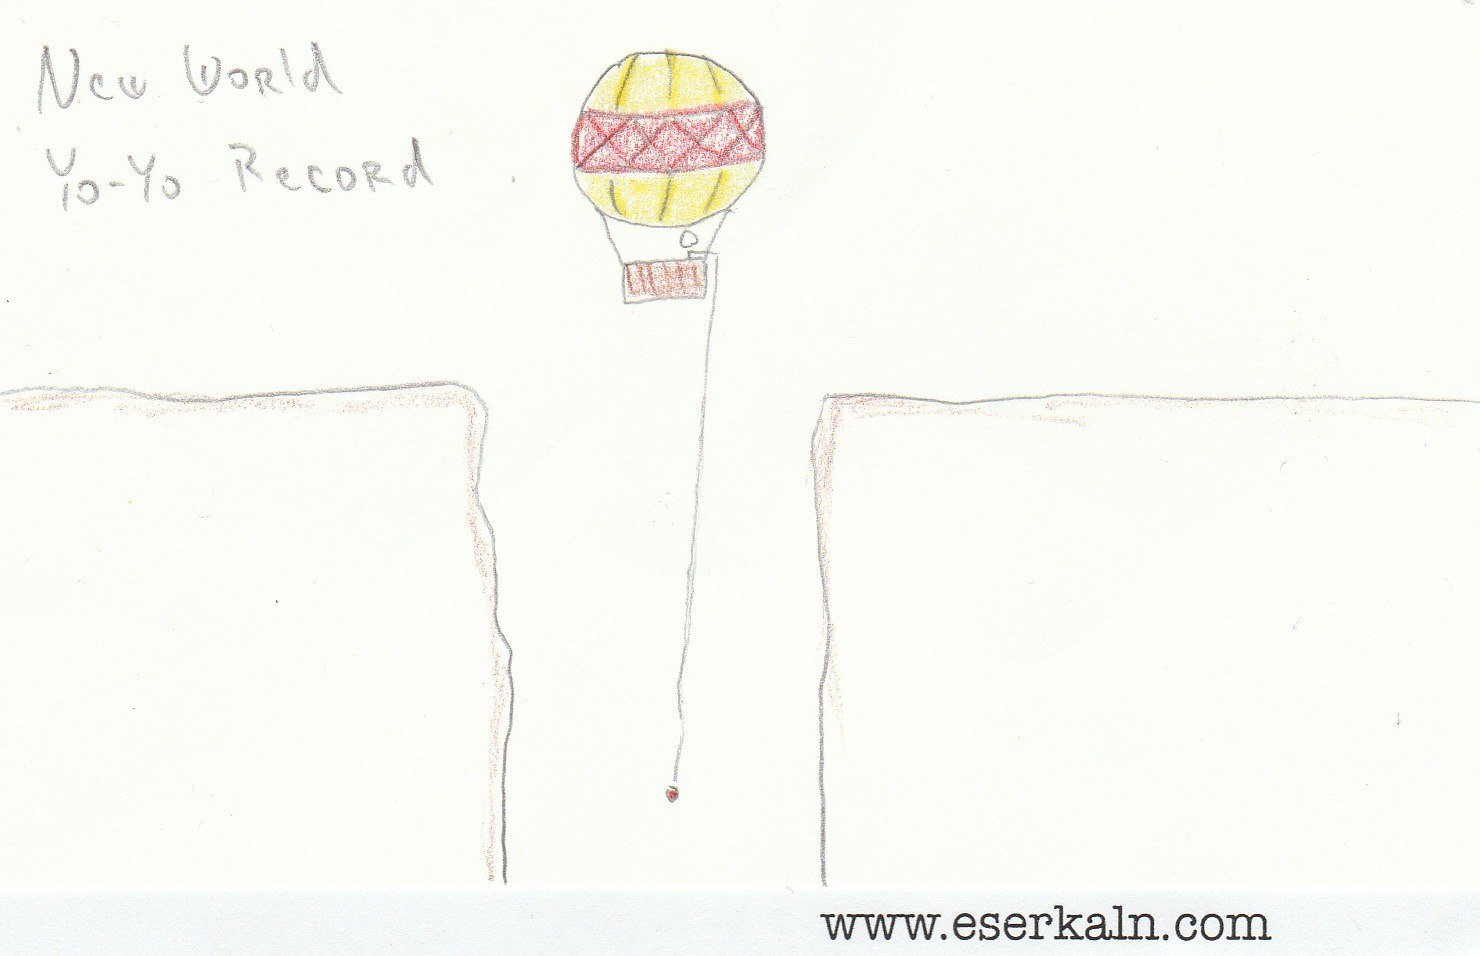 Yo-Yo Cliff Balloon Record